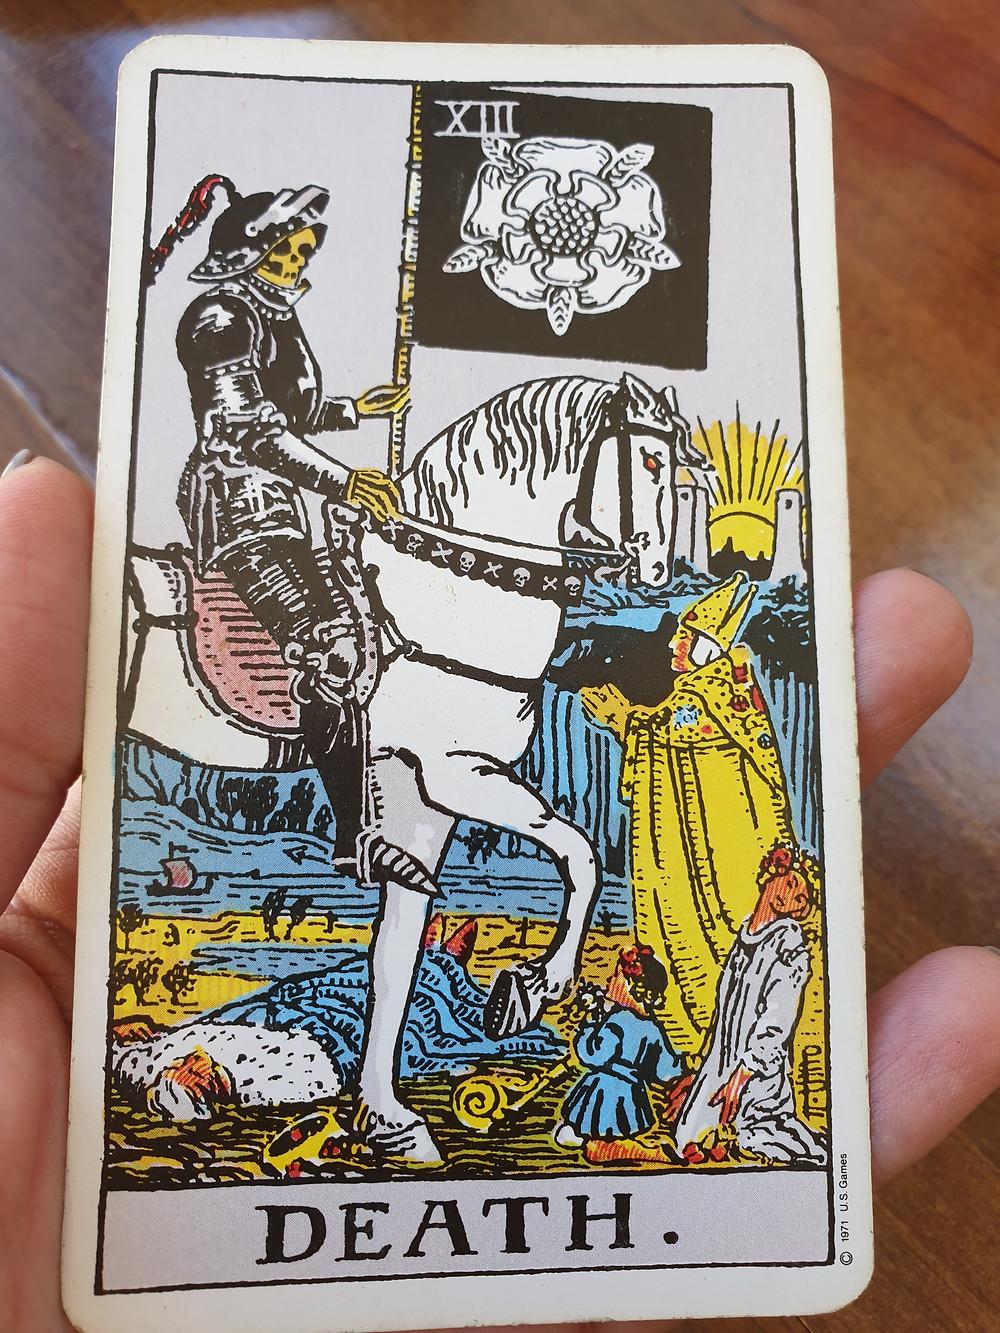 קלף המוות בטארוט - מסמל התחדשות ודברים טובים שעתידים לקרות. קלף של תקווה.